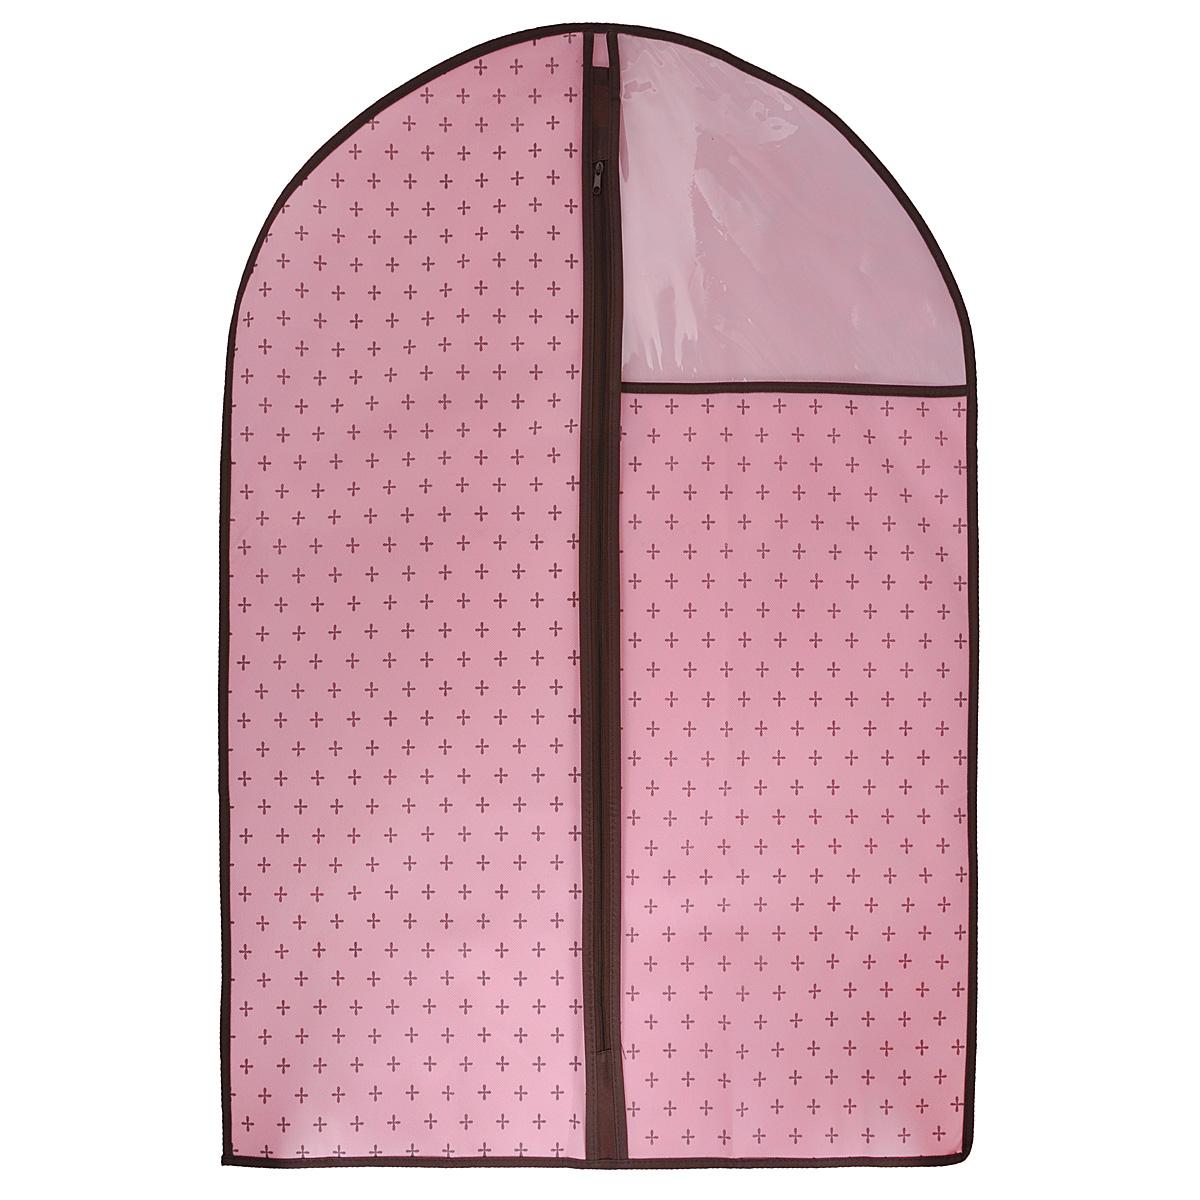 Чехол для одежды FS-6502M-W, цвет: розовый, 60 см х 120 смFS-6502M-WЧехол для одежды FS-6502M-W изготовлен из высококачественного нетканого материала. Особое строение полотна создает естественную вентиляцию: материал дышит и позволяет воздуху свободно проникать внутрь чехла, не пропуская пыль. Благодаря форме чехла, одежда не мнется даже при длительном хранении. Застегивается на молнию. Окошко из пластика позволяет увидеть, какие вещи находятся внутри. Чехол для одежды будет очень полезен при транспортировке вещей на близкие и дальние расстояния, при длительном хранении сезонной одежды, а также при ежедневном хранении вещей из деликатных тканей. Чехол для одежды FS-6502M-W не только защитит ваши вещи от пыли и влаги, но и поможет доставить одежду на любое мероприятие в идеальном состоянии. Характеристики:Материал: 10С ПВХ, пластик. Размер чехла: 60 см х 120 см. Цвет: розовый.